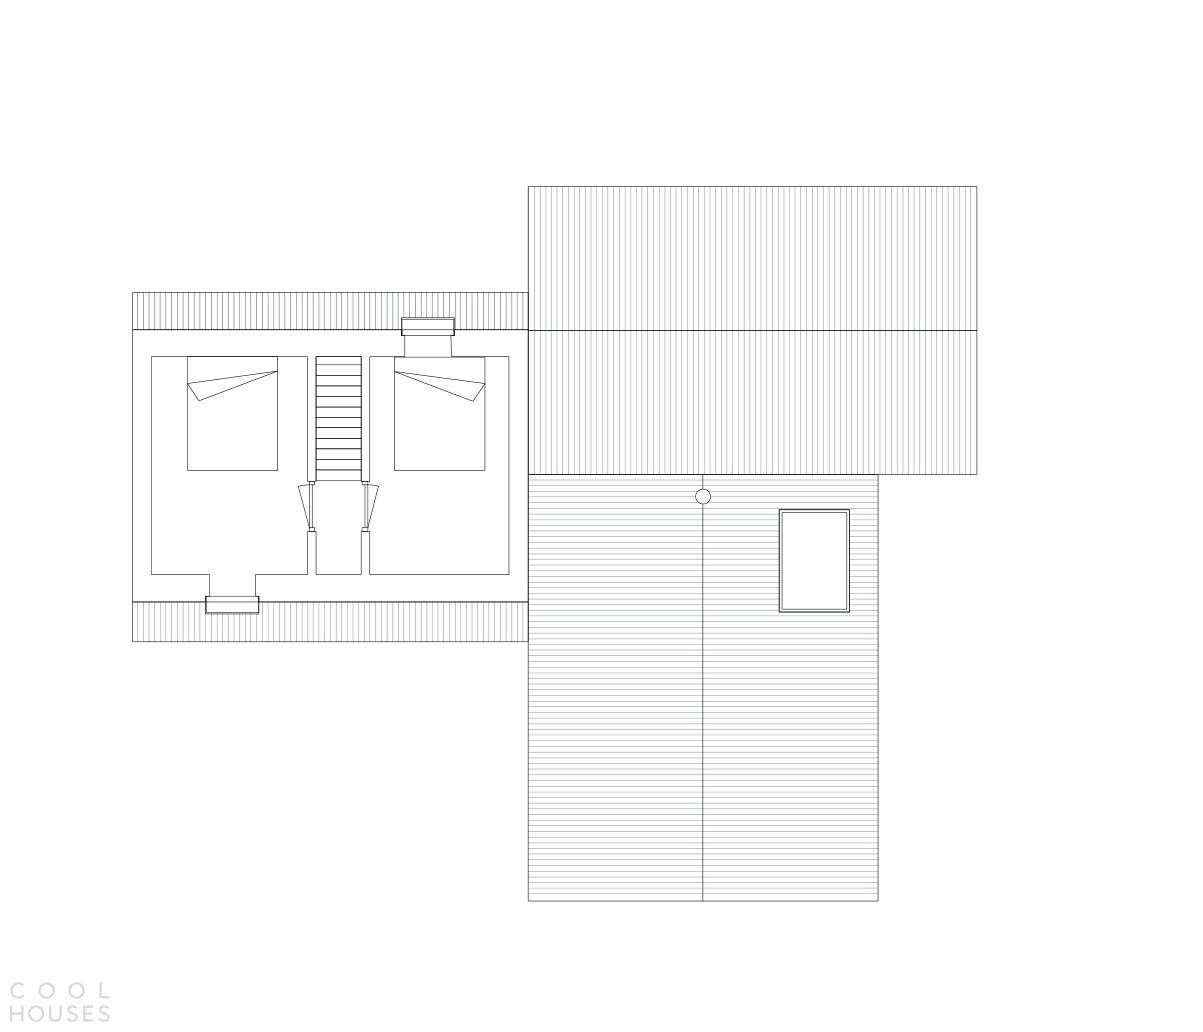 Загородная деревянная вилла, состоящая из трех архетипических домиков